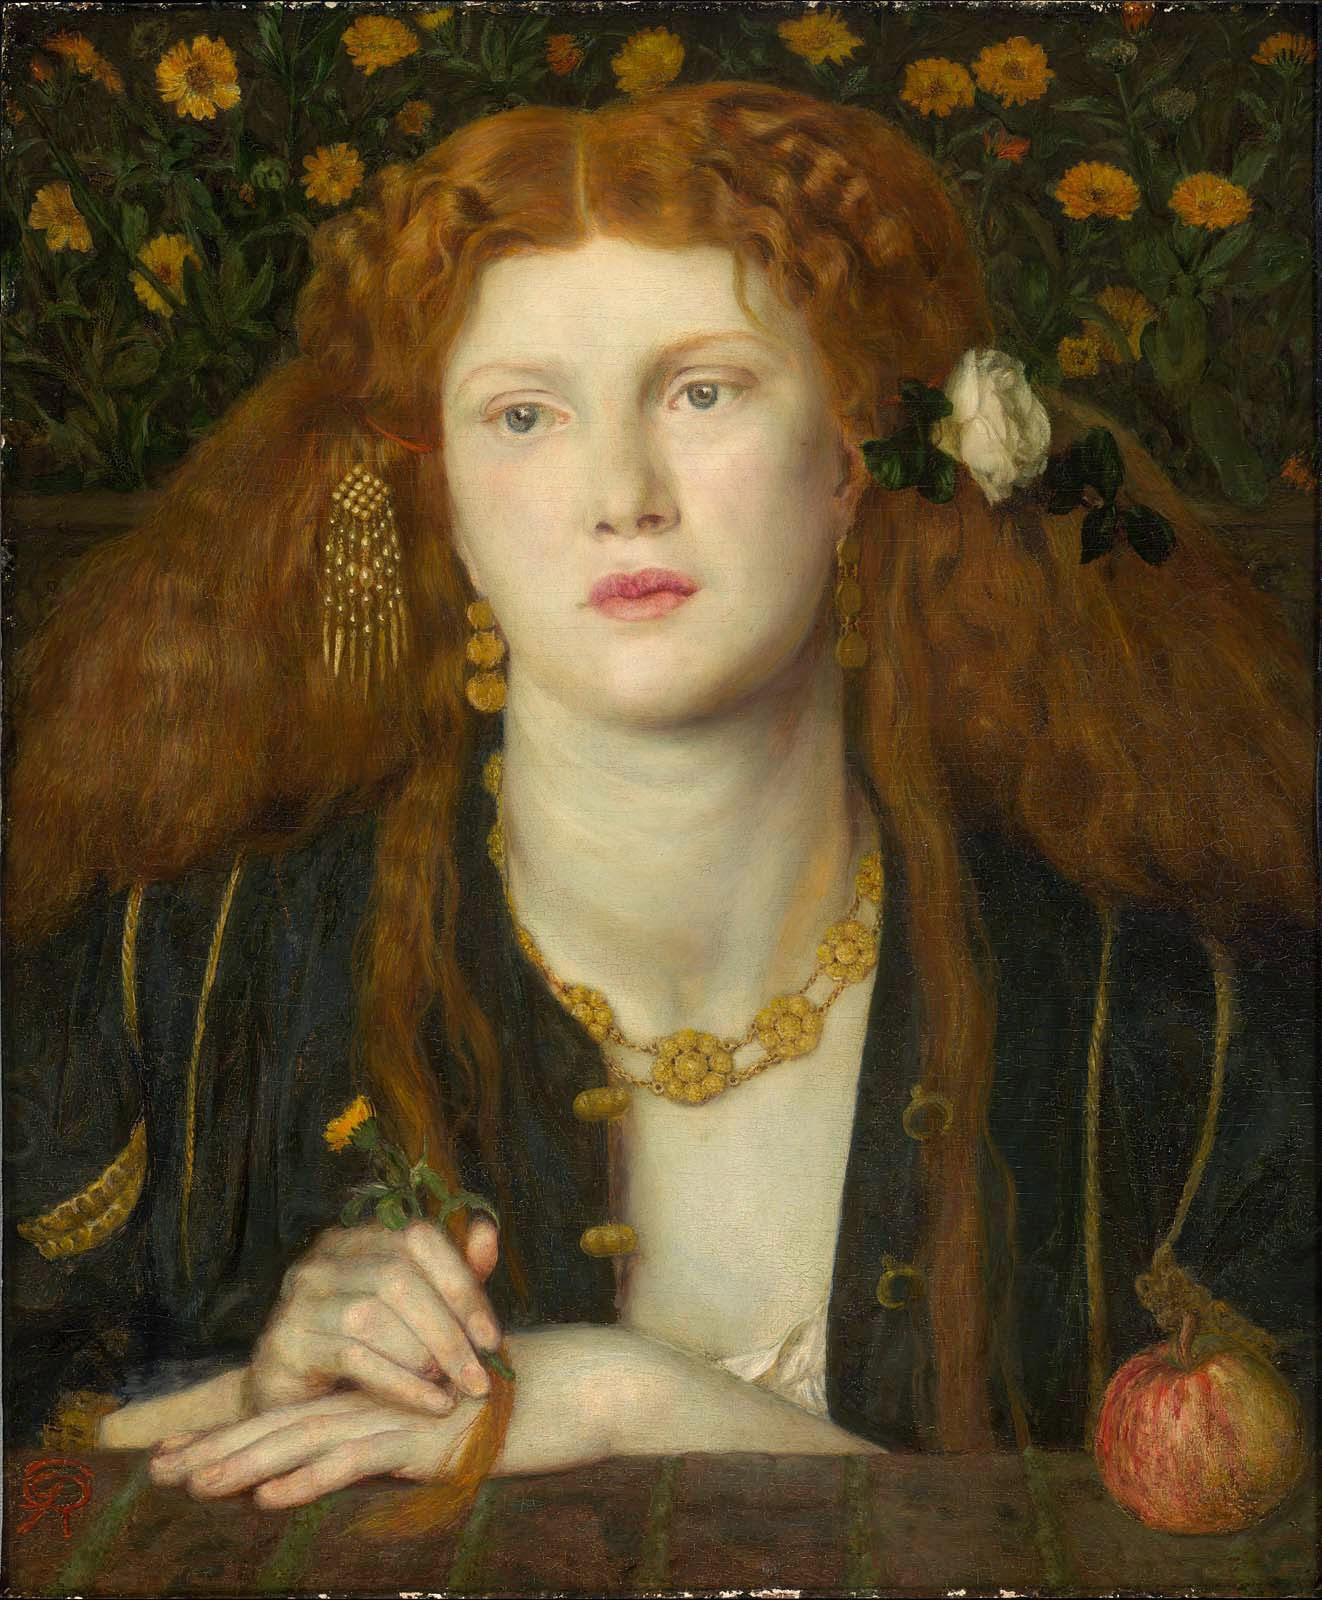 Dante Gabriel Rossetti - Fanny Cornforth - Bocca Baciatta - Museum Fine Arts Boston